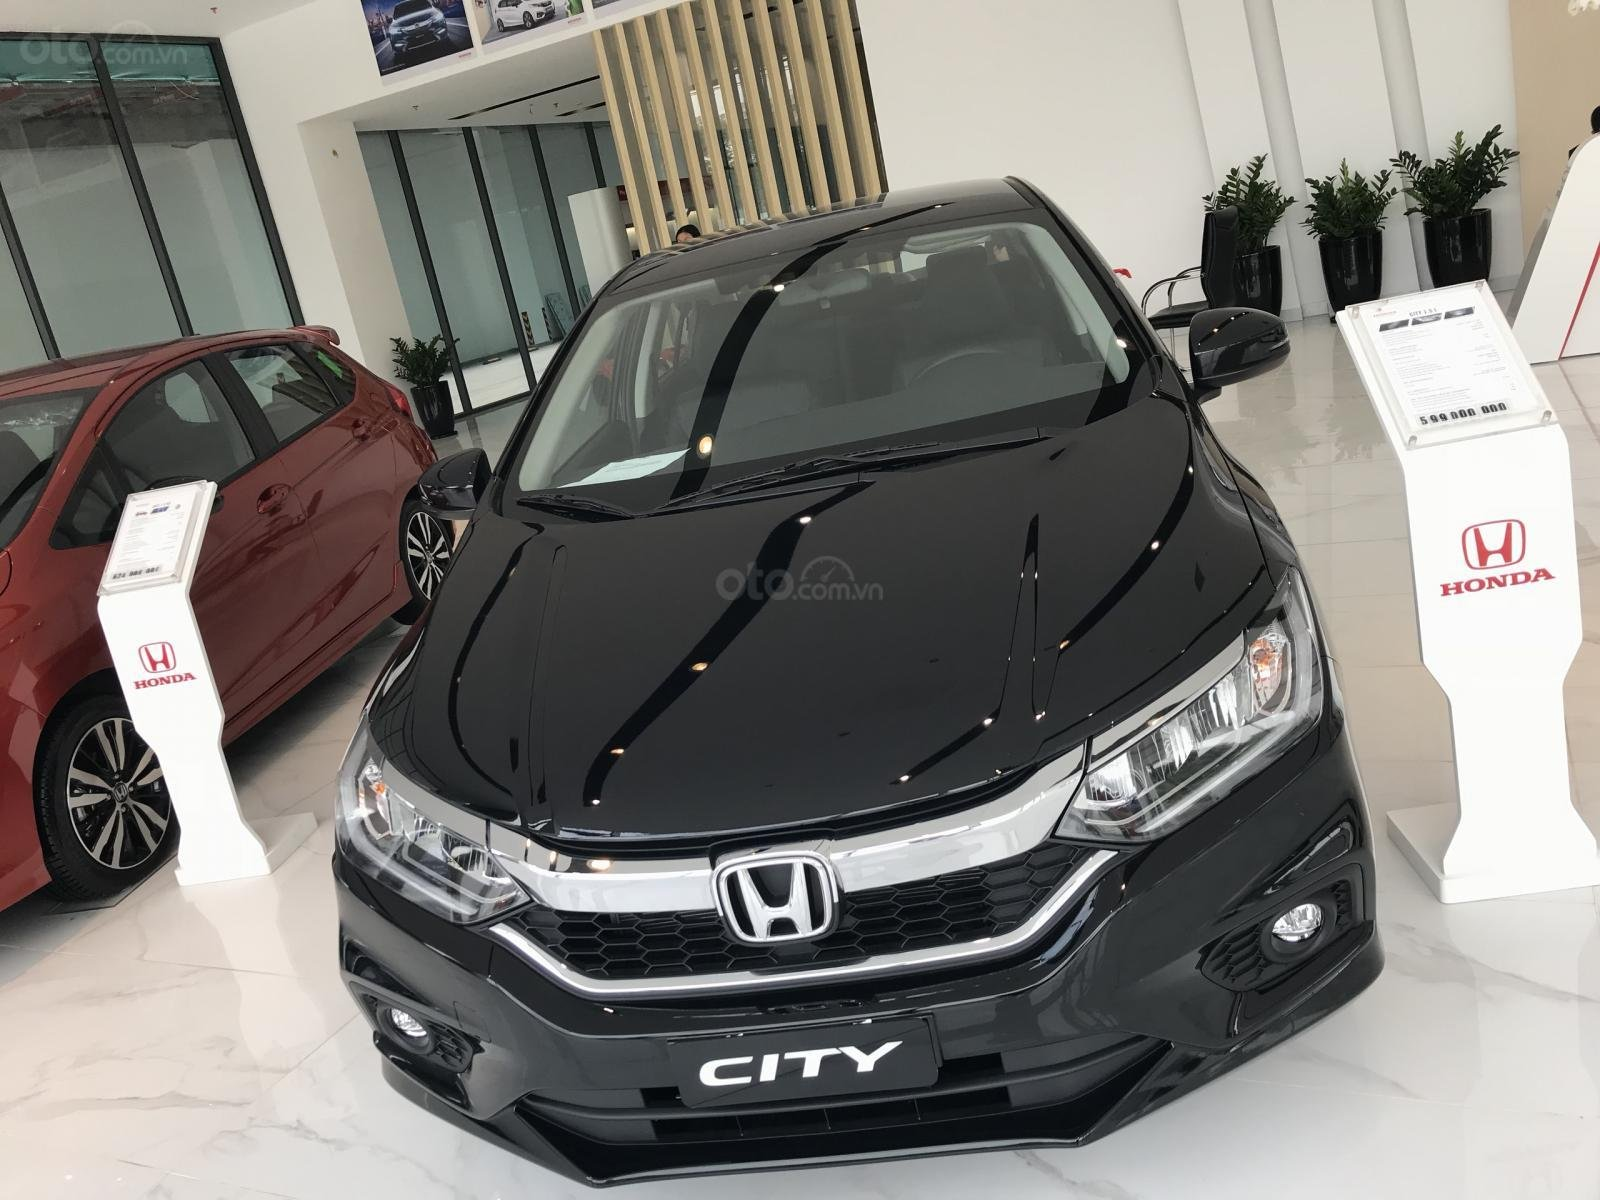 Giảm tiền mặt cực cao khi mua Honda City trong tháng 7- góp 7.7tr/tháng hoặc gói quà tặng khủng - LH 0933.683.056-0